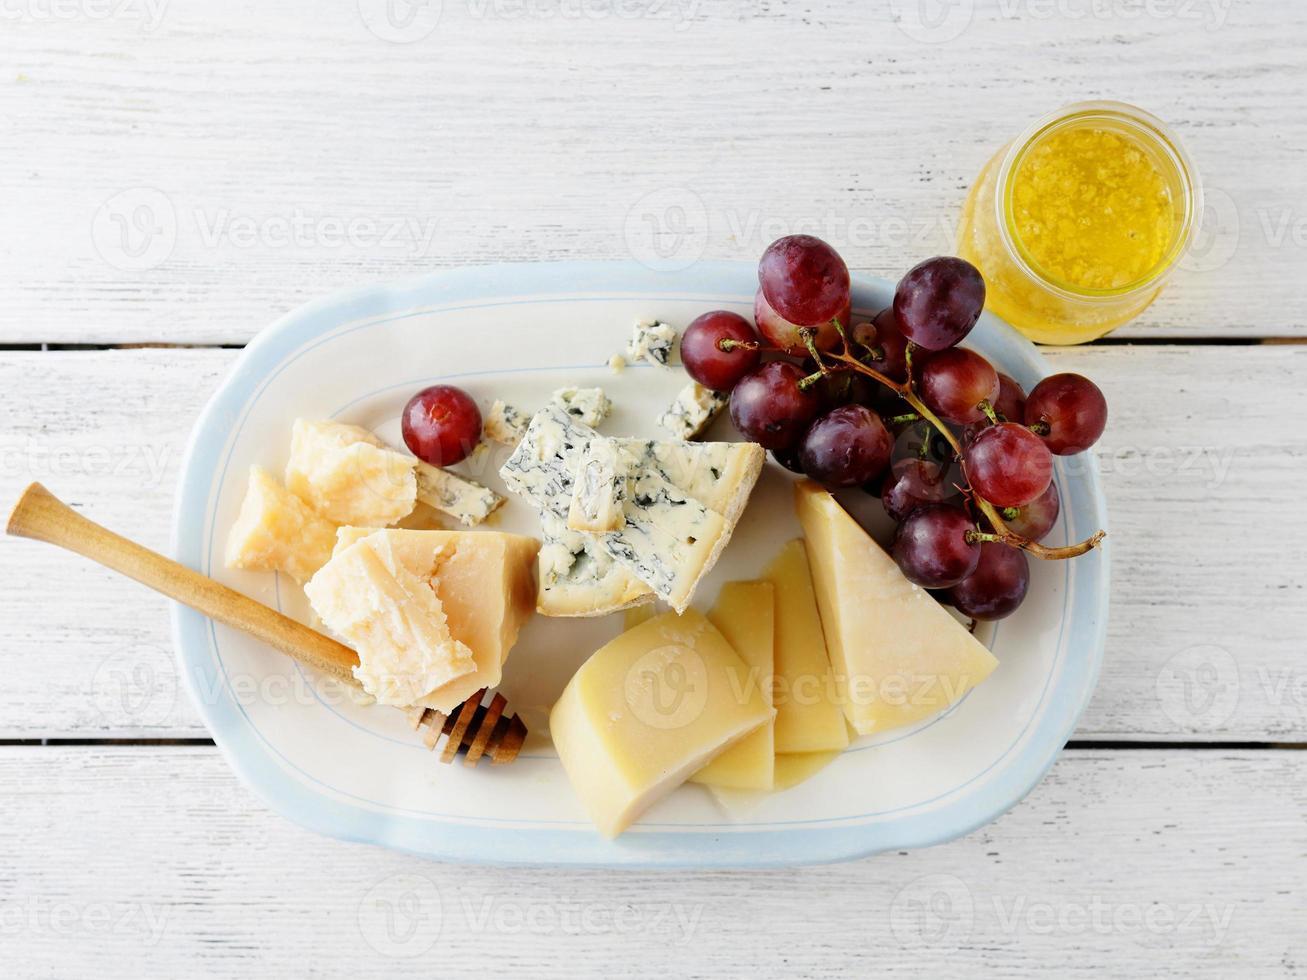 queijos com mel e uvas foto